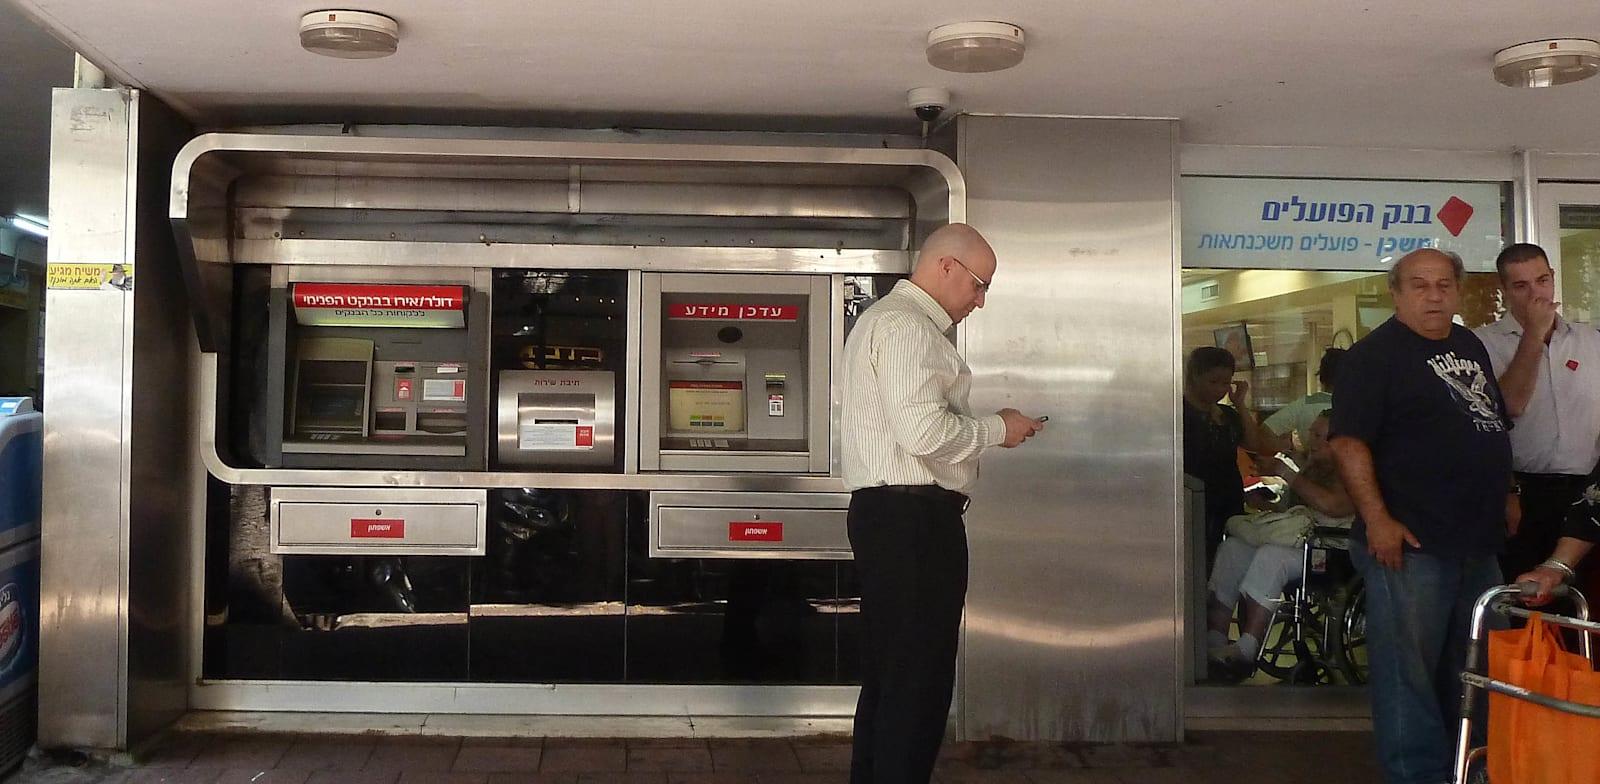 בנק הפועלים / צילום: תמר מצפי